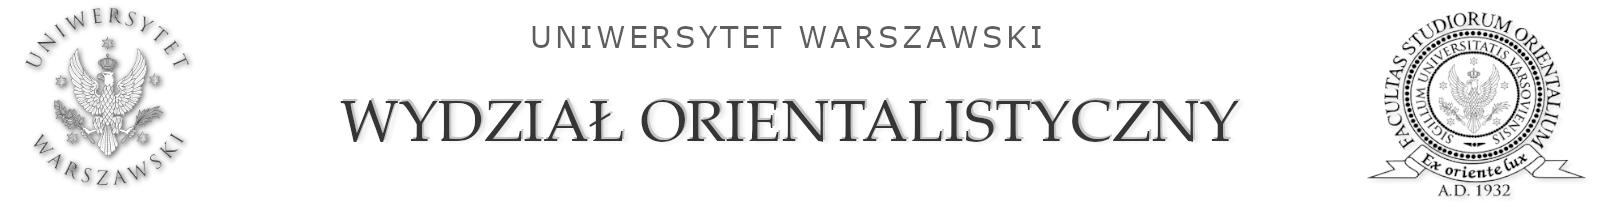 Wydział Orientalistyczny UW Logo